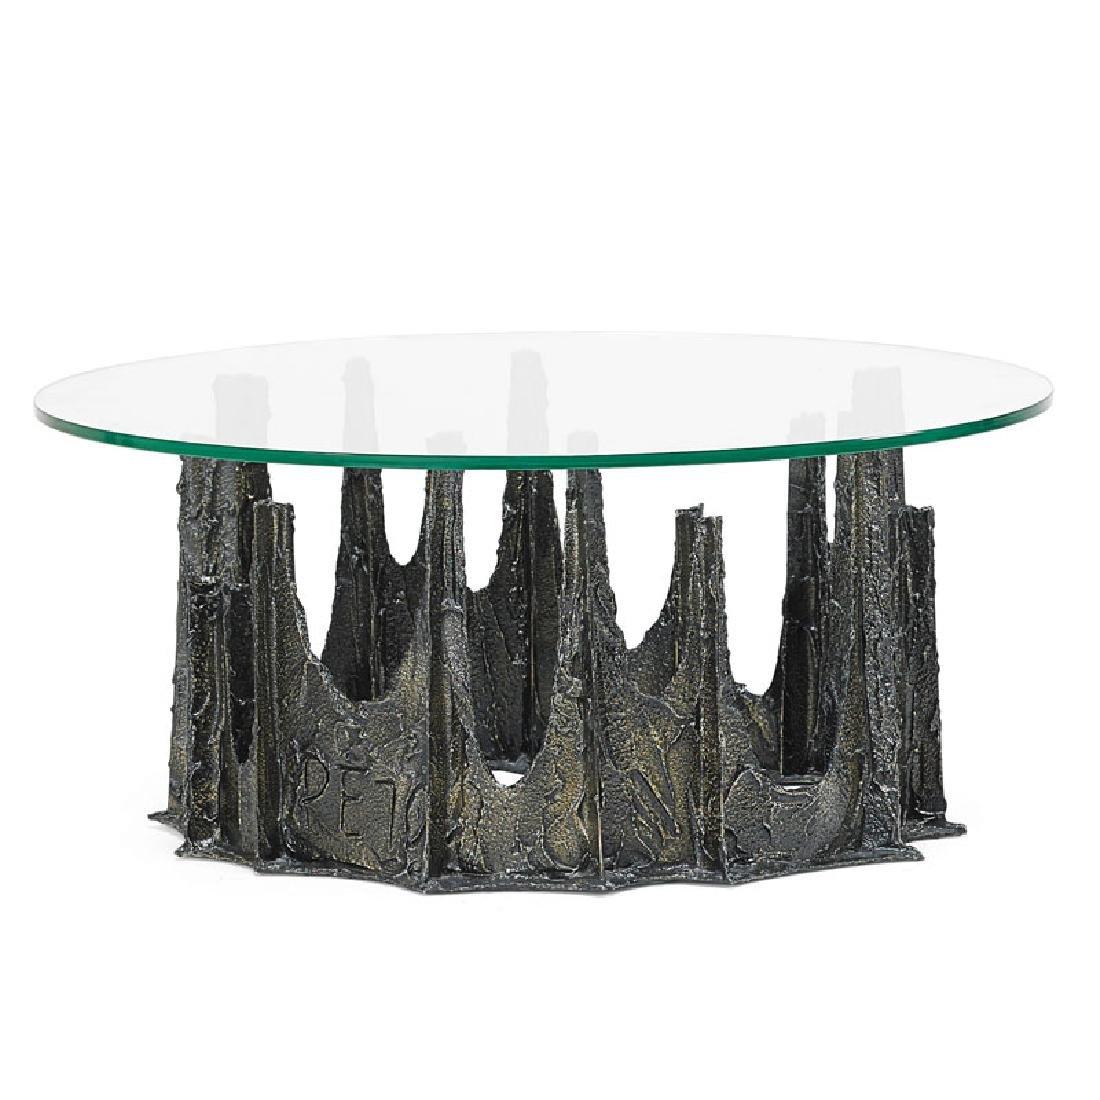 PAUL EVANS Sculptured Metal coffee table - 2